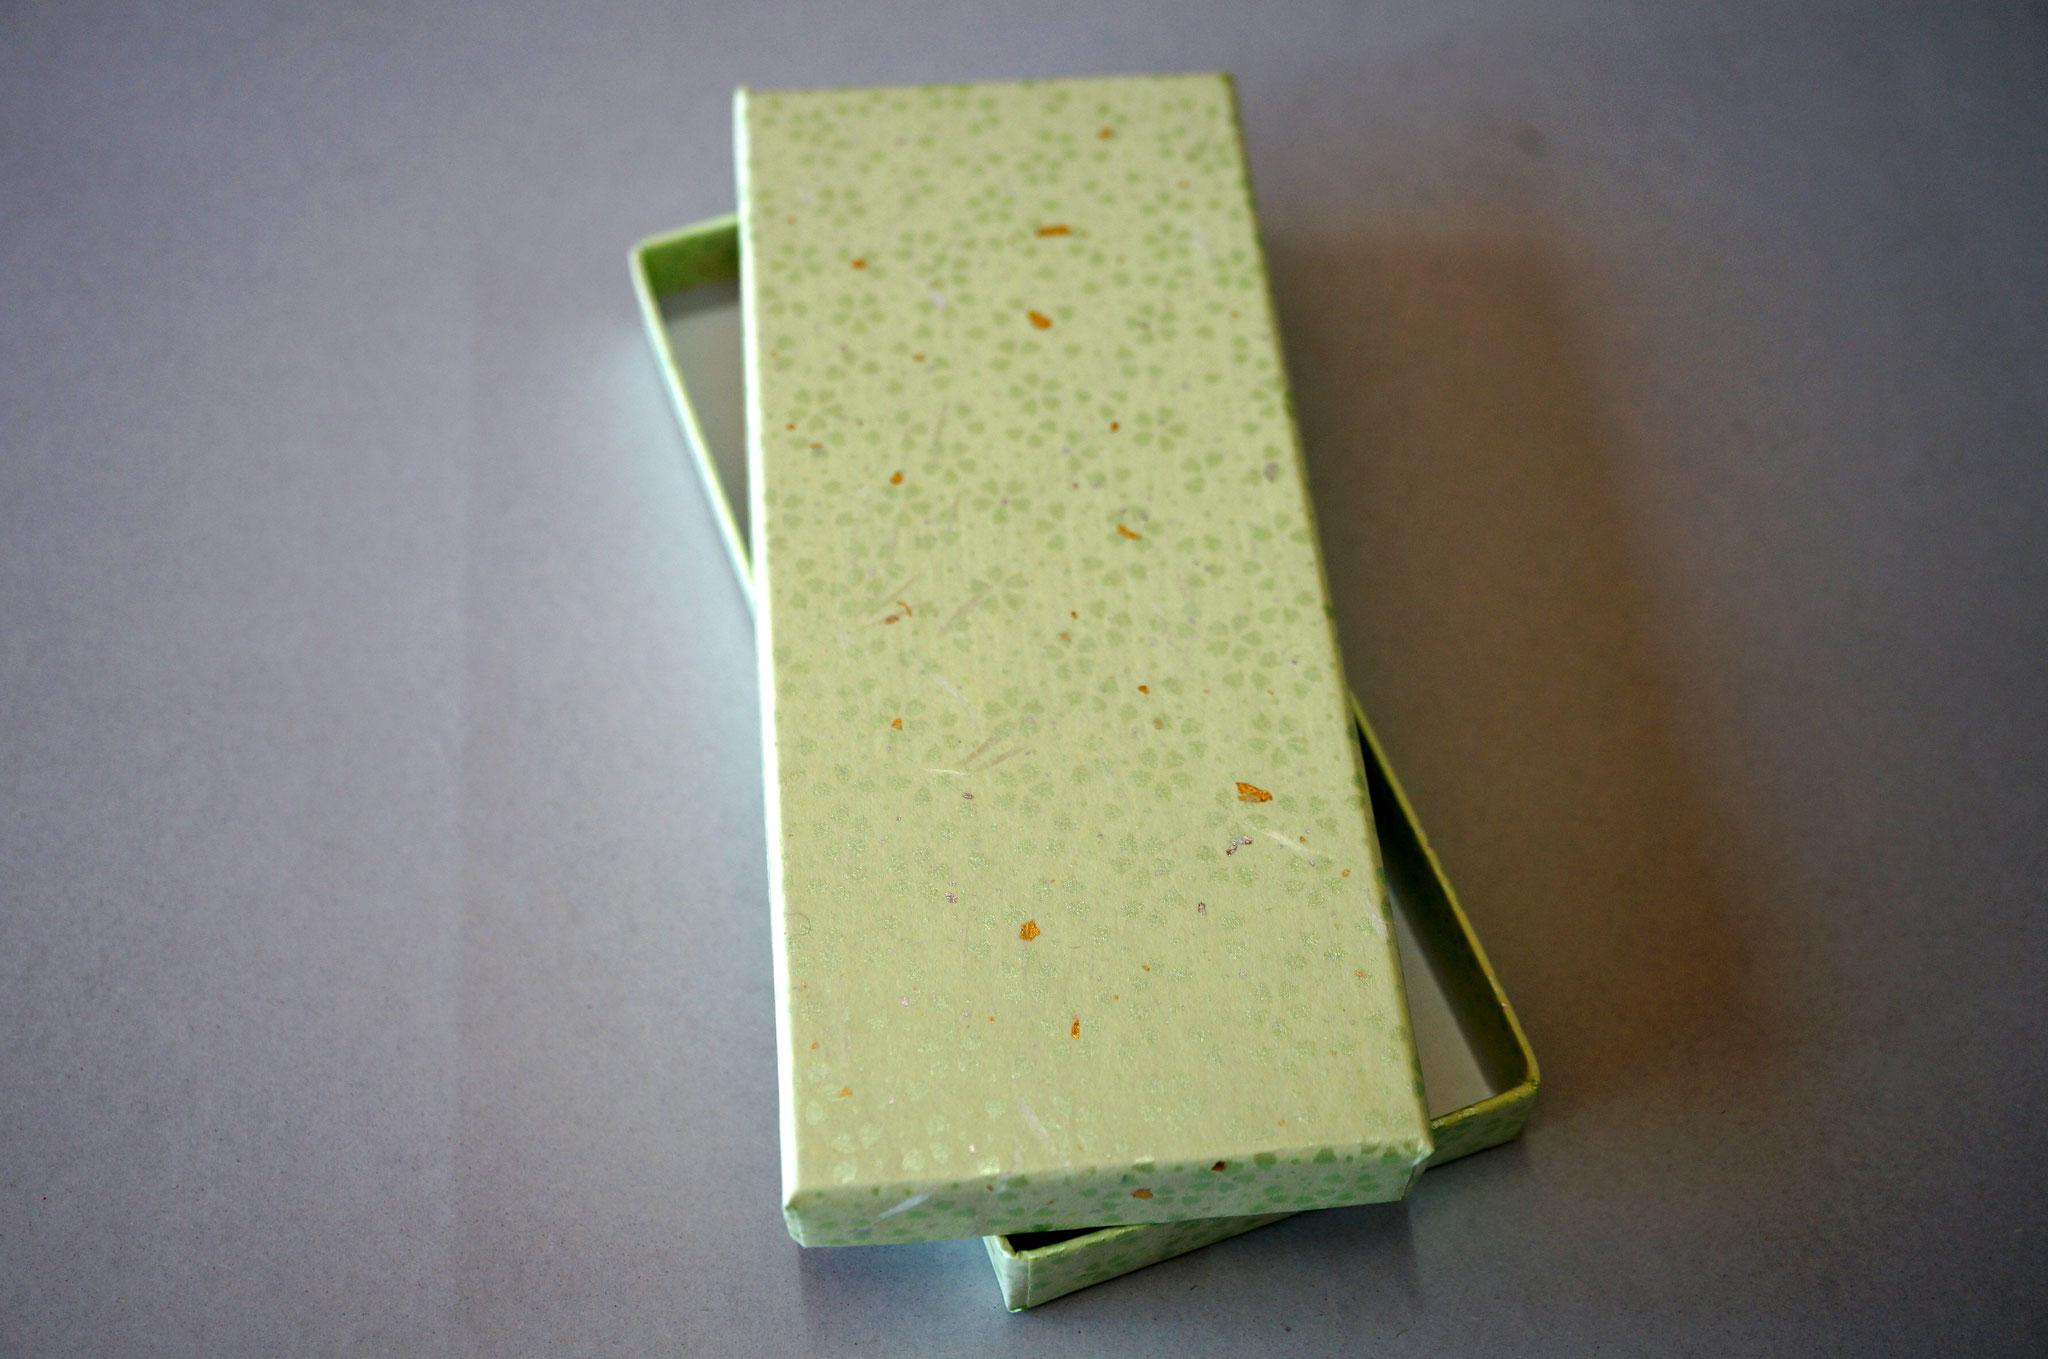 花柄入りの和紙で作製した貼り箱(グリーン)